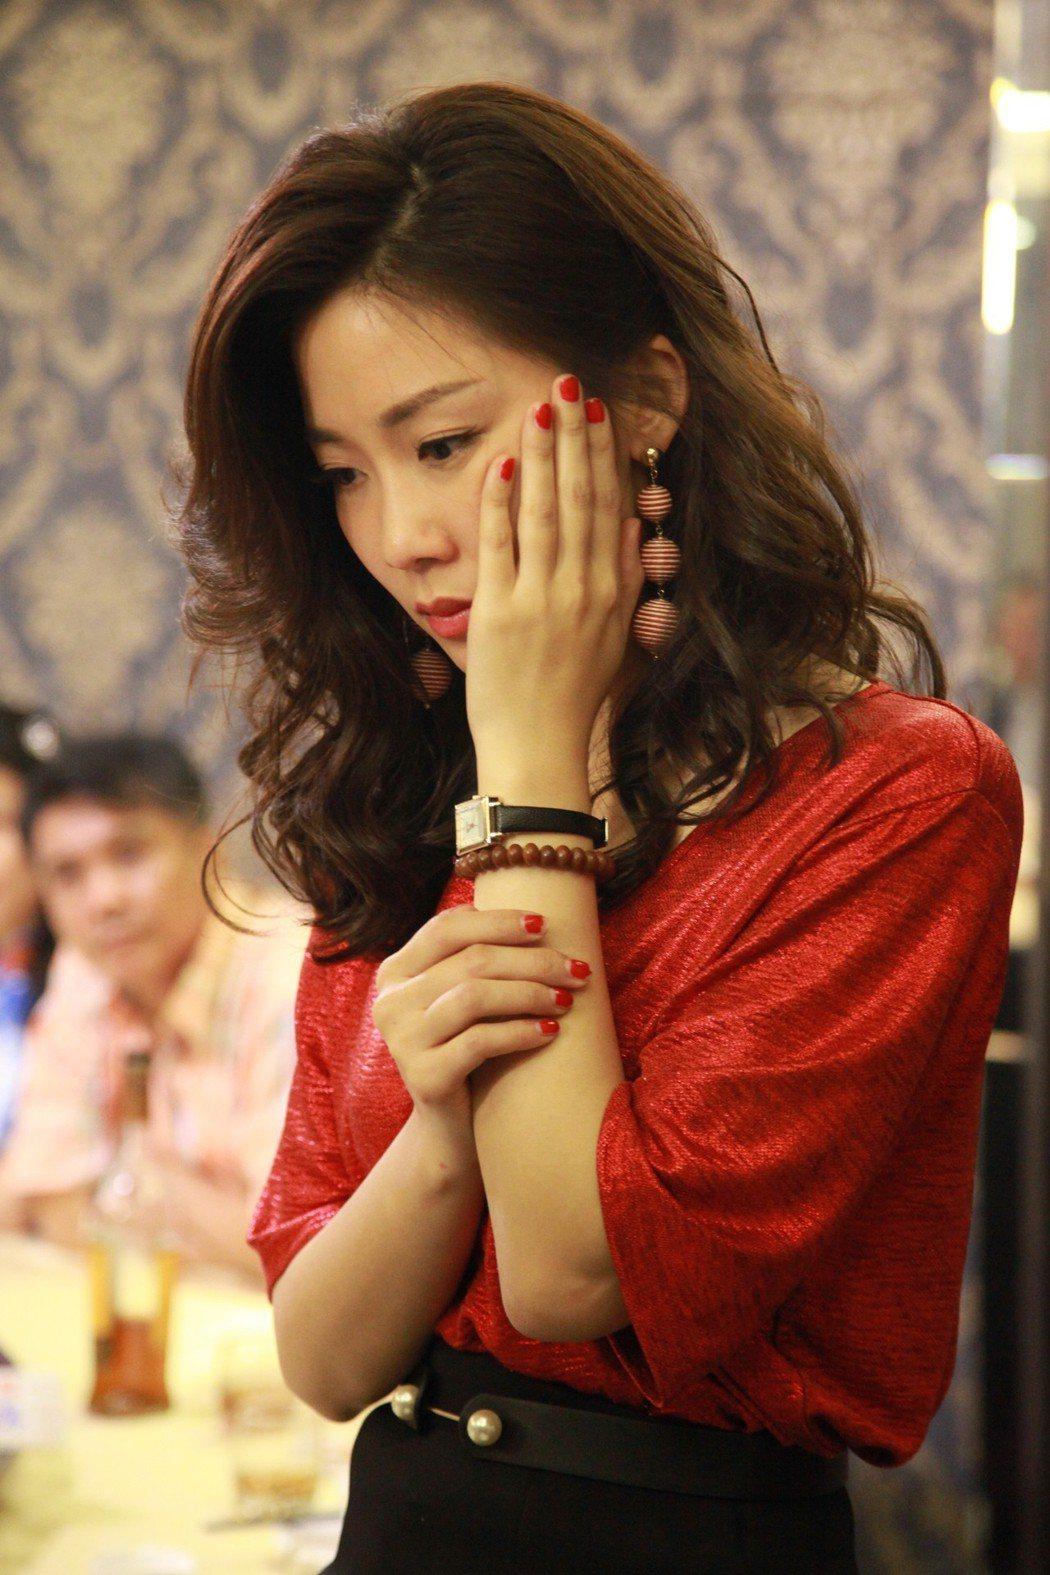 安唯綾戲中不甘被呼巴掌,為愛嗆正宮。圖/大愛台提供